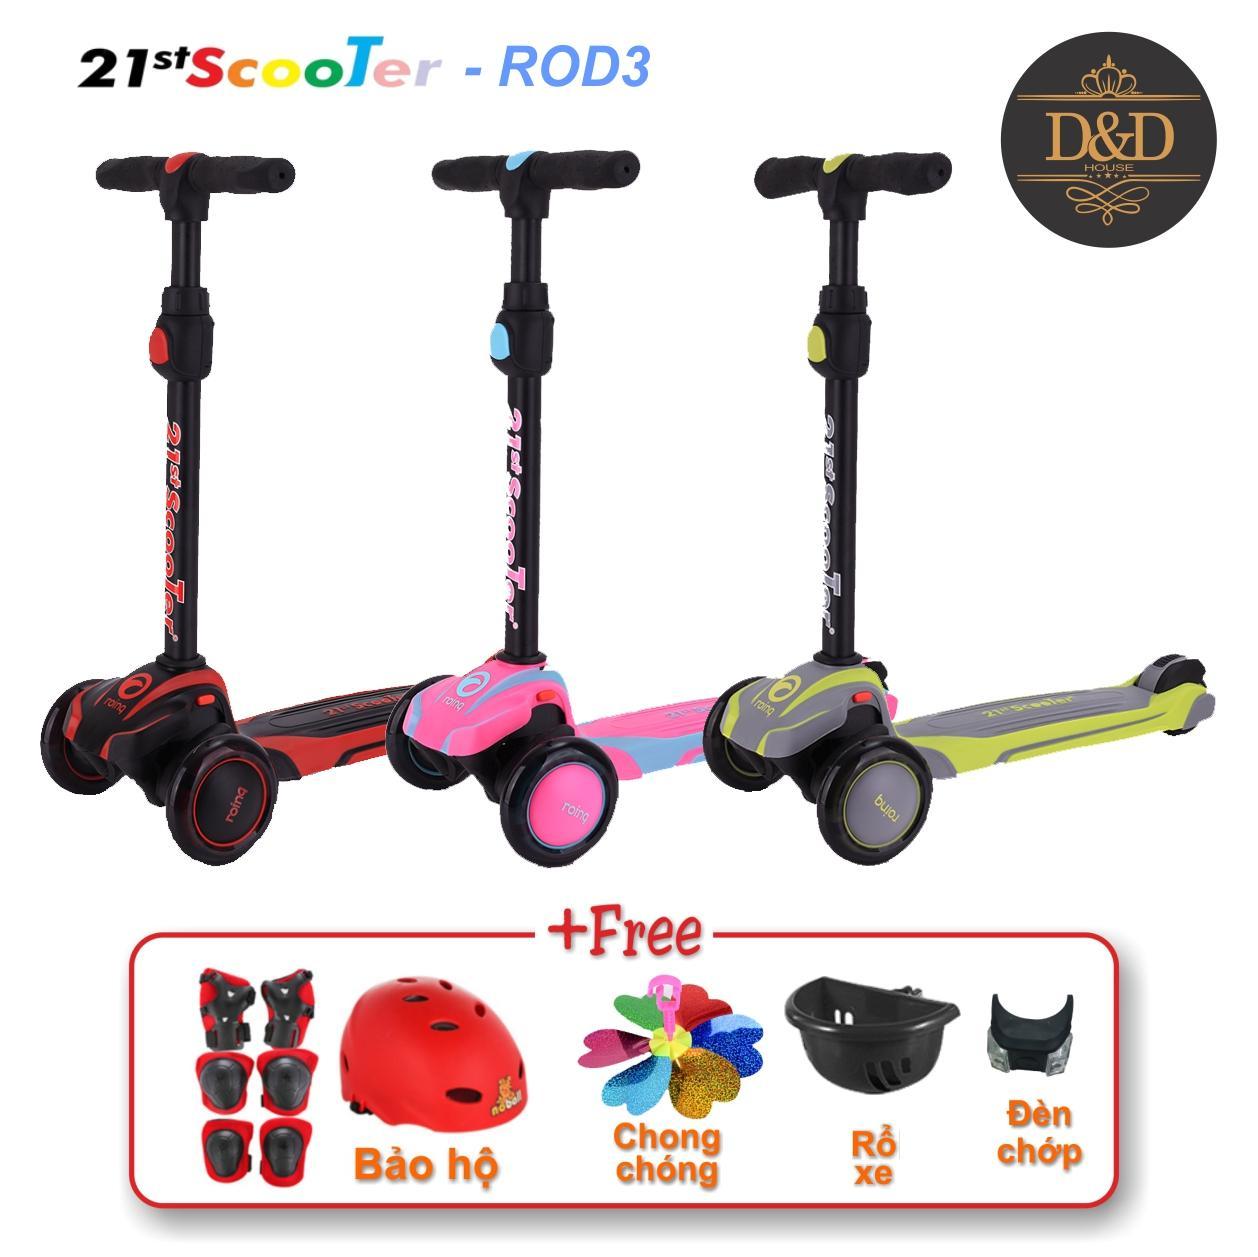 Xe trượt scooter 21st có giảm xóc, 3 bánh phát sáng cao cấp cho bé (Tặng kèm bộ bảo hộ 7 món & nhiều quà khác)